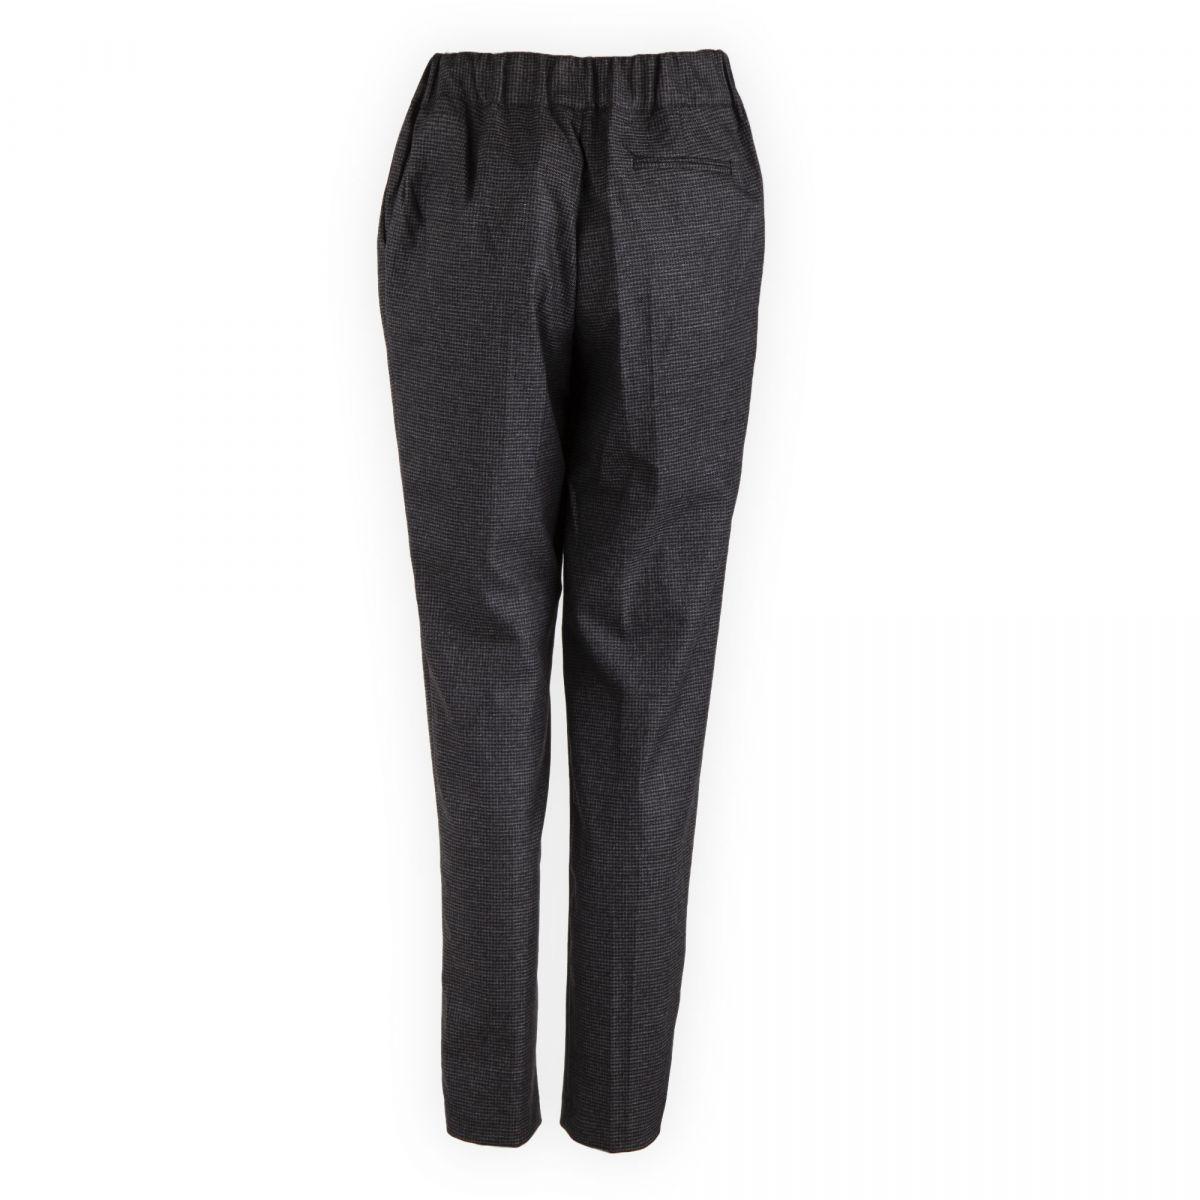 pantalon pinces motif pied de poule femme best mountain. Black Bedroom Furniture Sets. Home Design Ideas